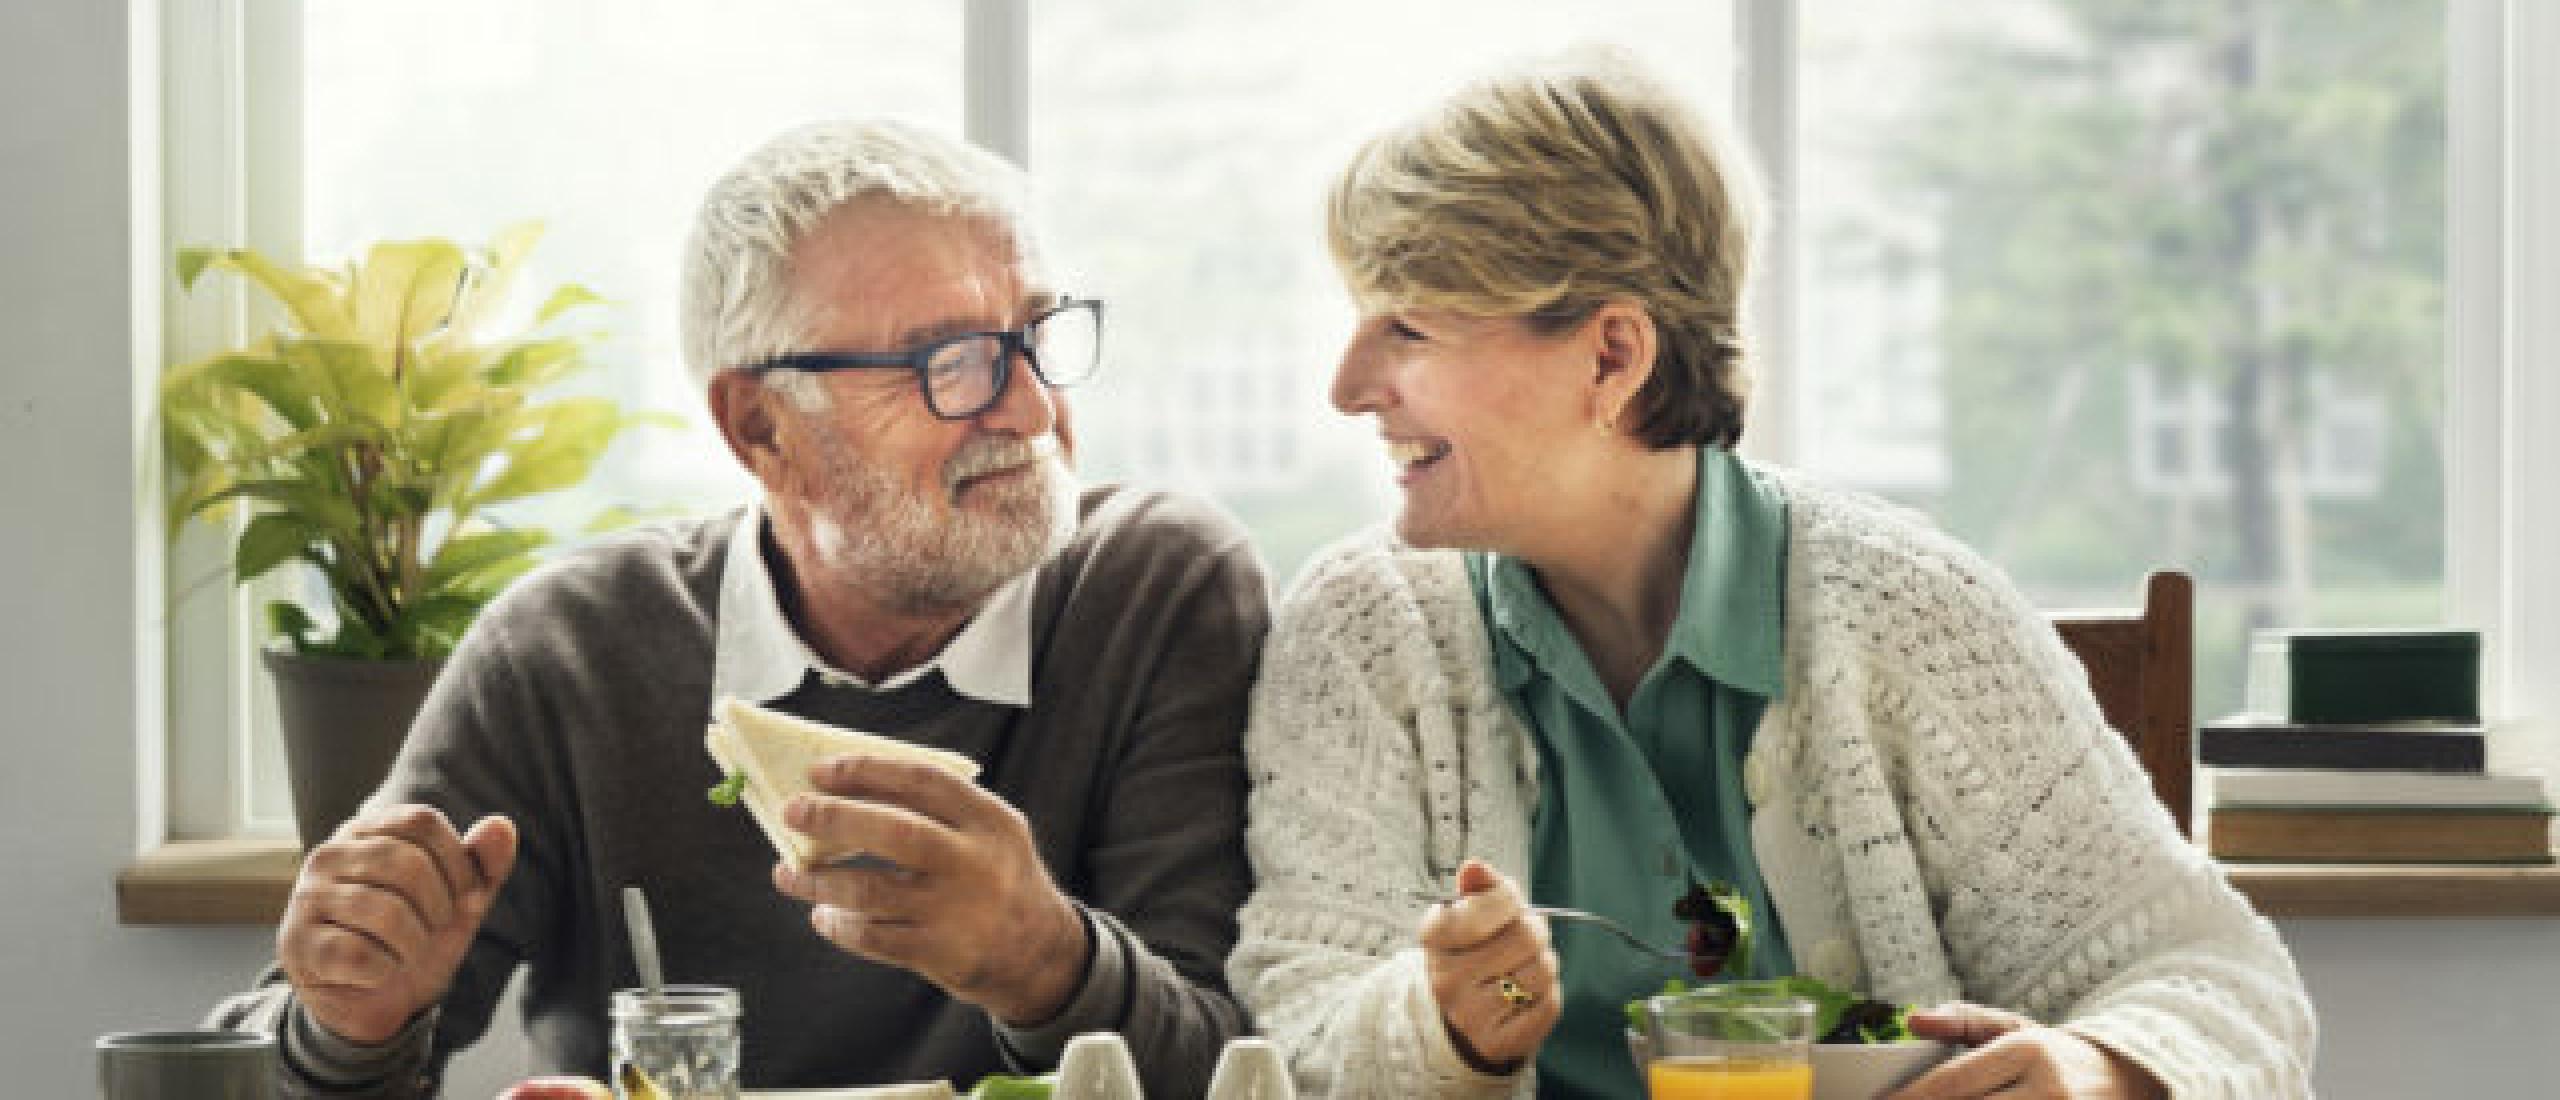 Besluiteloze oudere zet markt voor seniorenwoningen op slot